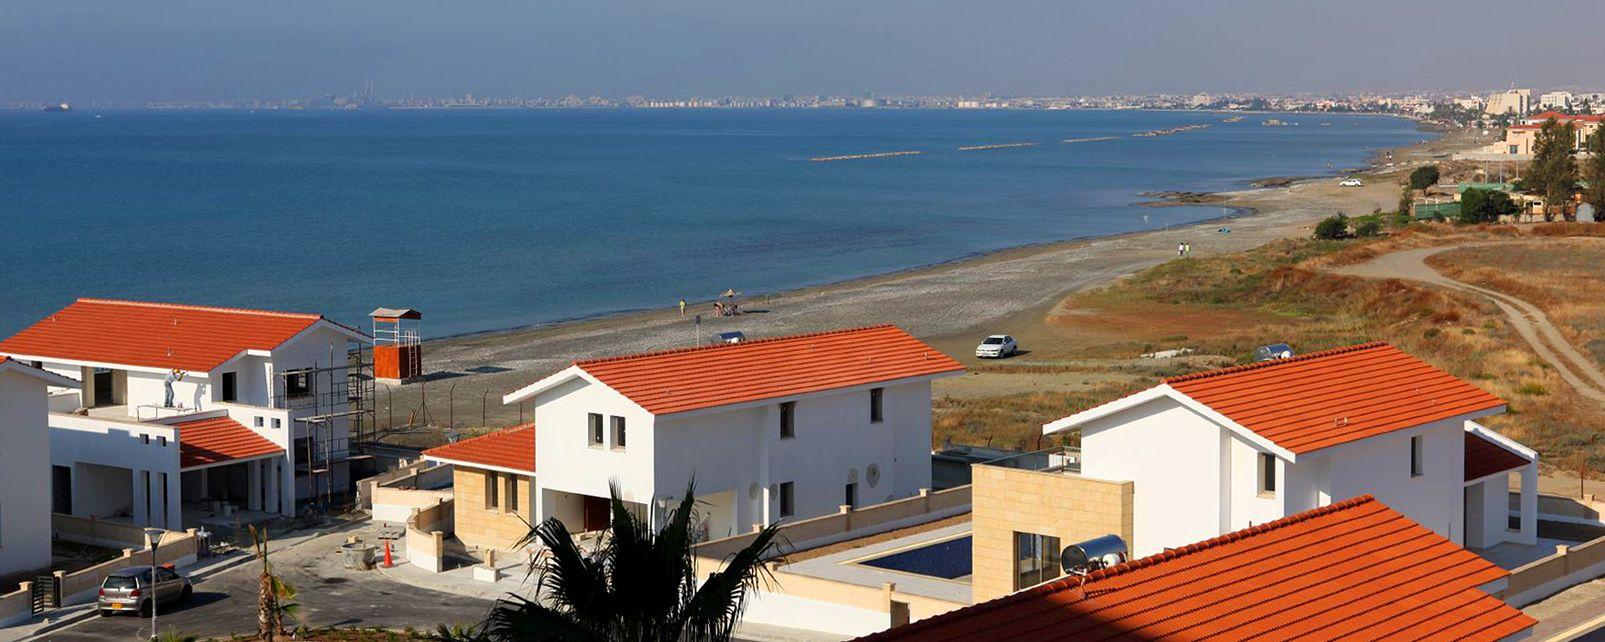 La baie de Larnaka , Une côte urbanisée , Chypre